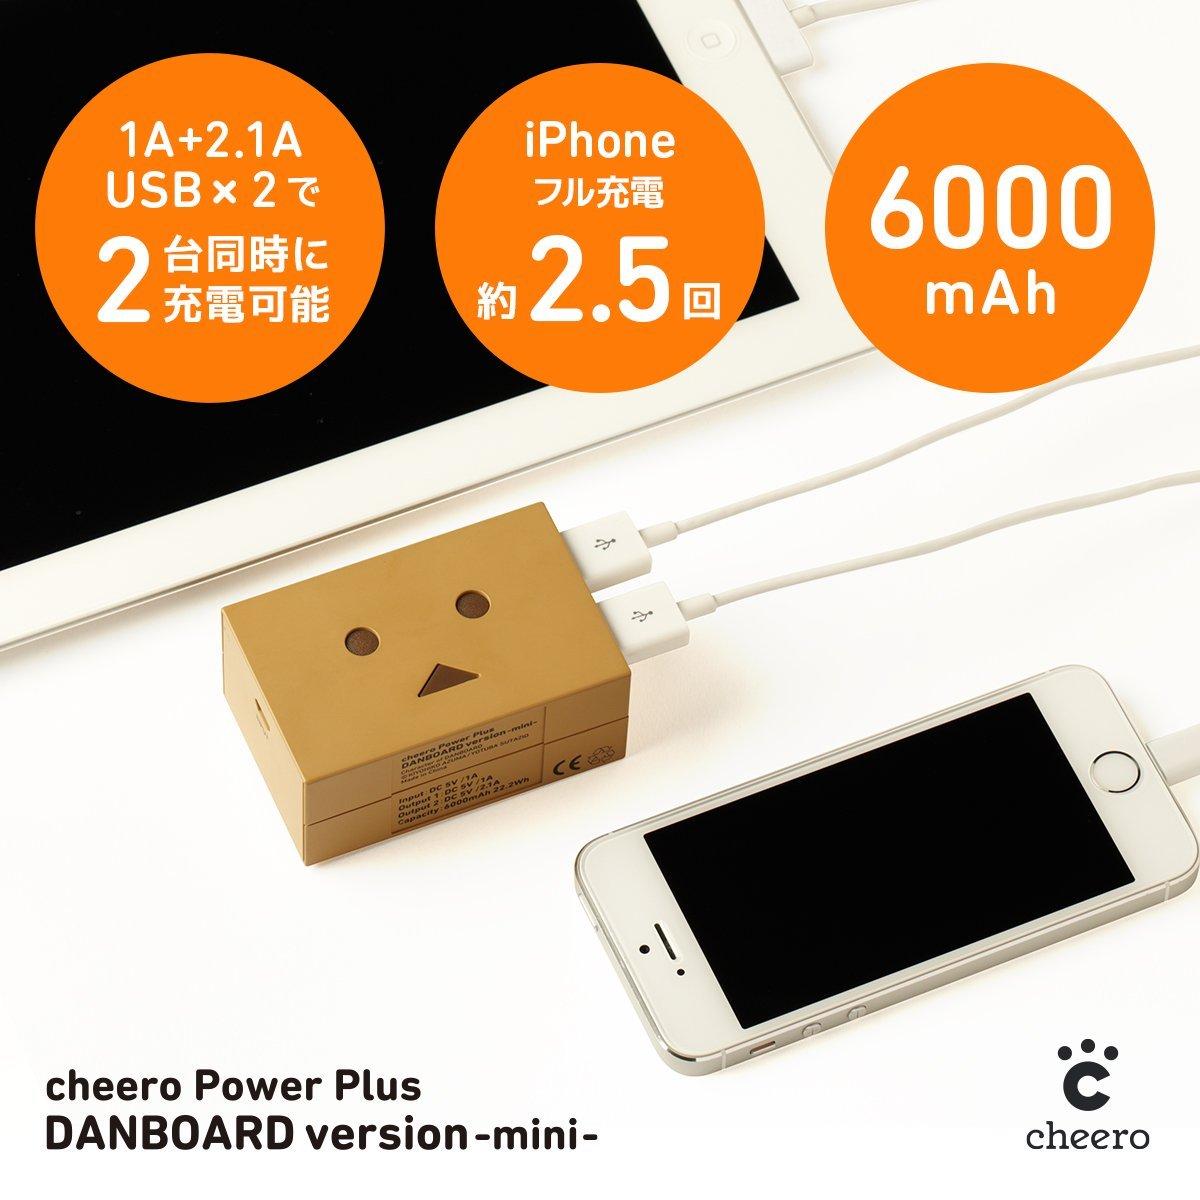 ★あす楽対応★ コンパクト 目が光る ダンボー チーロ モバイルバッテリー cheero Power Plus 6000mAh DANBOARD version -mini- 各種 iPhone / iPad / Android 対応